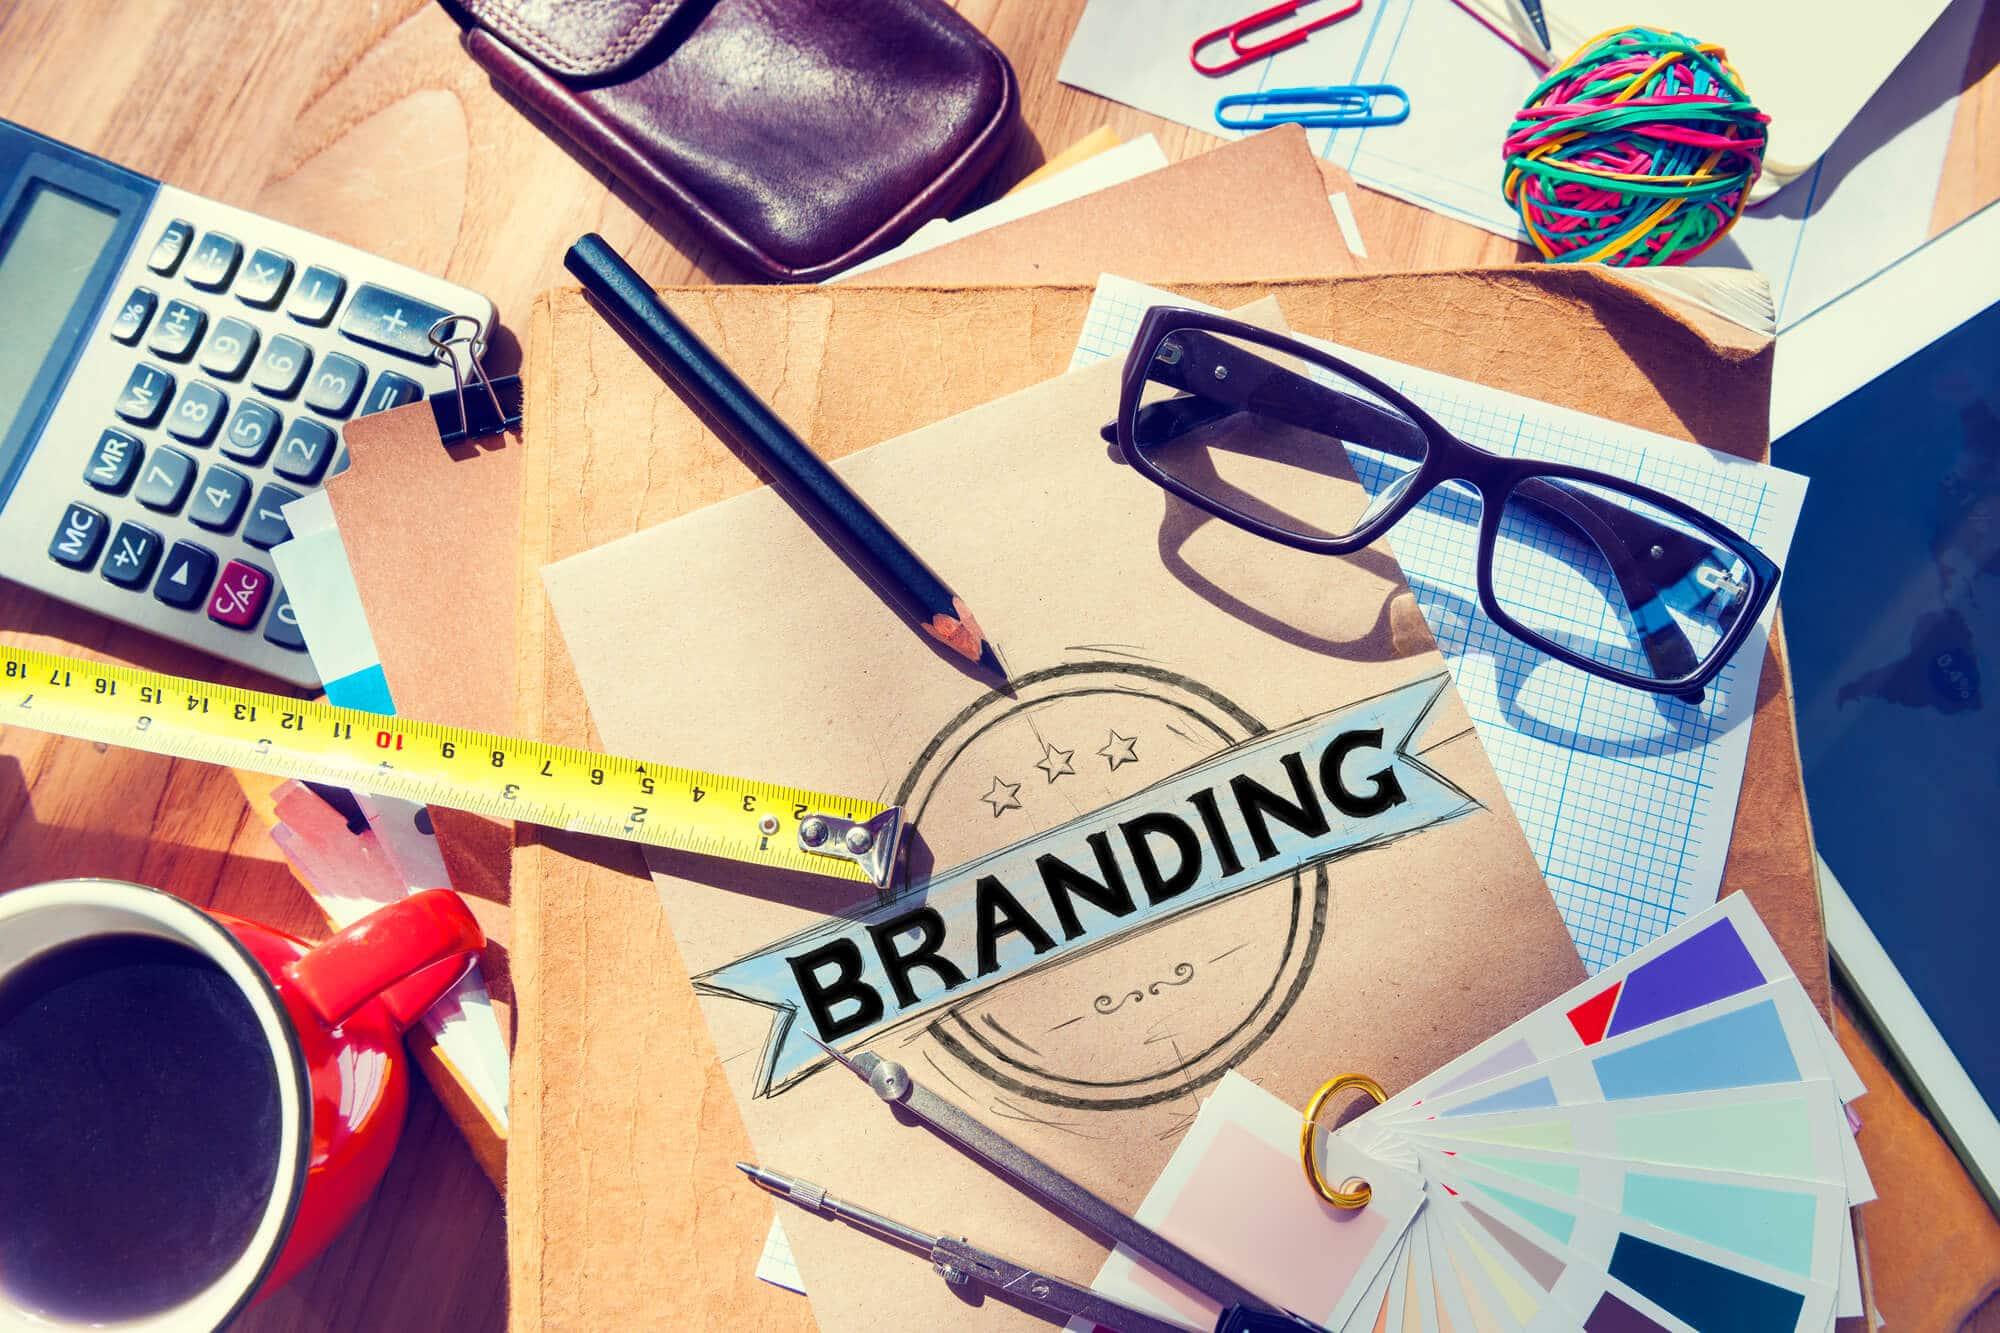 new orleans branding network - Infintech Designs